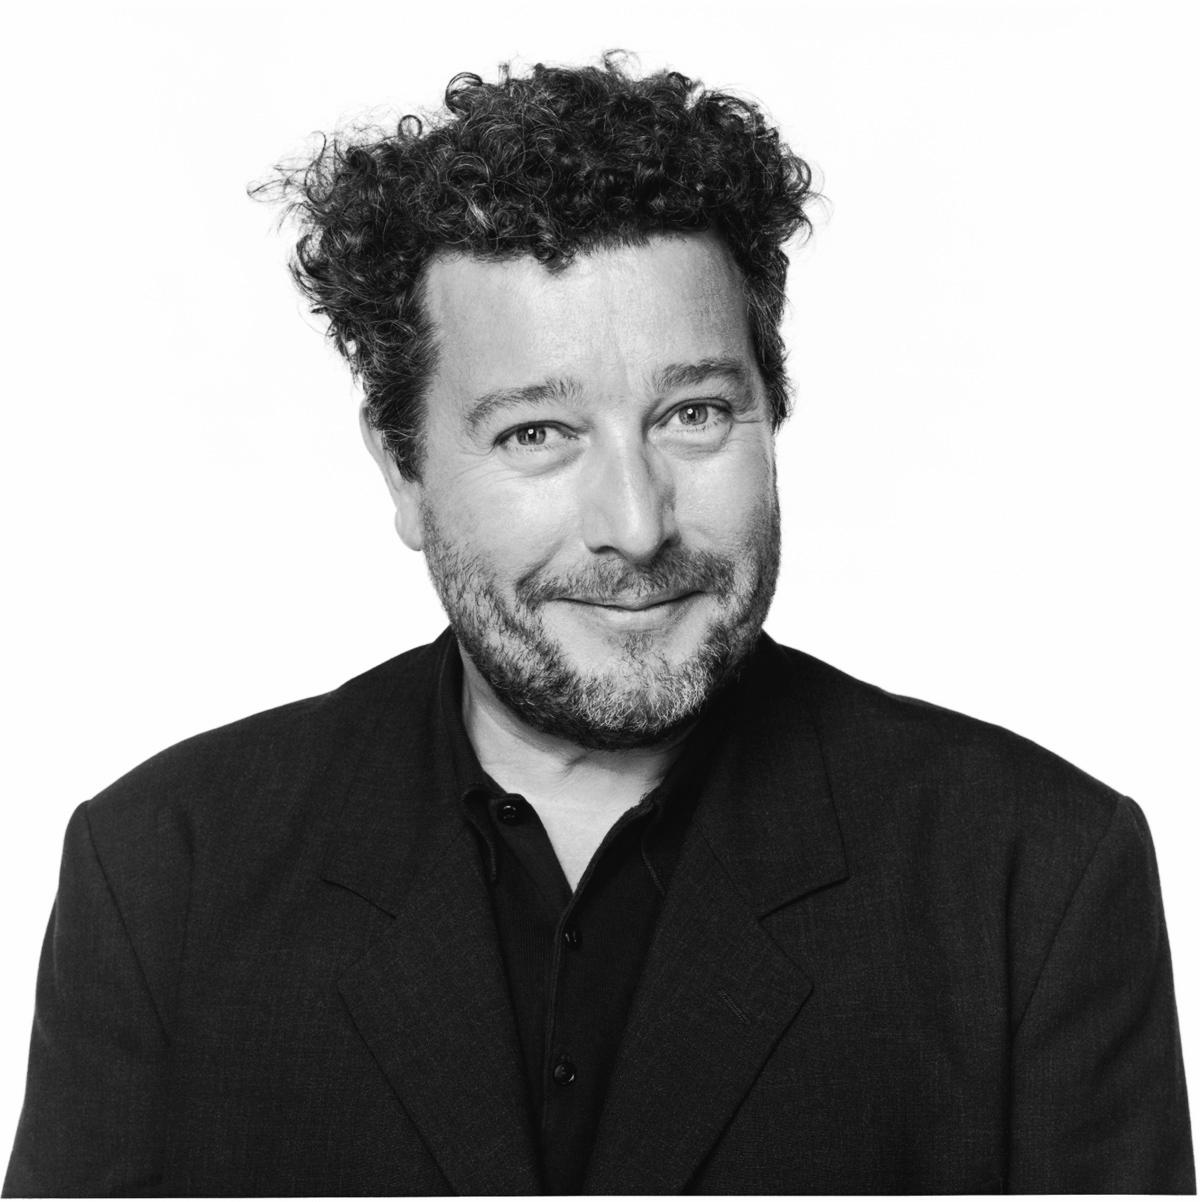 """Philippe Starck  """"Stylish and contradictory""""  Salon inventar kollektioner: Classic, moderne, techno, En designer, der altid udtrykker forskellige genrer i hans design:udfordrende og traditionelt. Beskrevet som den eneste designer til at have nået """"status af en rockstar"""", Philippe Starck er lige så rost som kritiseret. Moderne selvom mistroisk over for fremskridt, forsigtigt """"selv promoverende"""", med foragt for pressen, har Starck opbygget et imperium af design på frugtbar, modsigende fundamenter. Starck design krydser forskellige genrer og udfordrer ethvert traditionelt design, fra smarte hoteller i New York til tandbørster. Ifølge Stark, oprettelsen af smukke objekter og strukturer er kun et potentiel biprodukt af hans højeste mission:at skabe et ærligt og brugervenligt respektfuld design."""